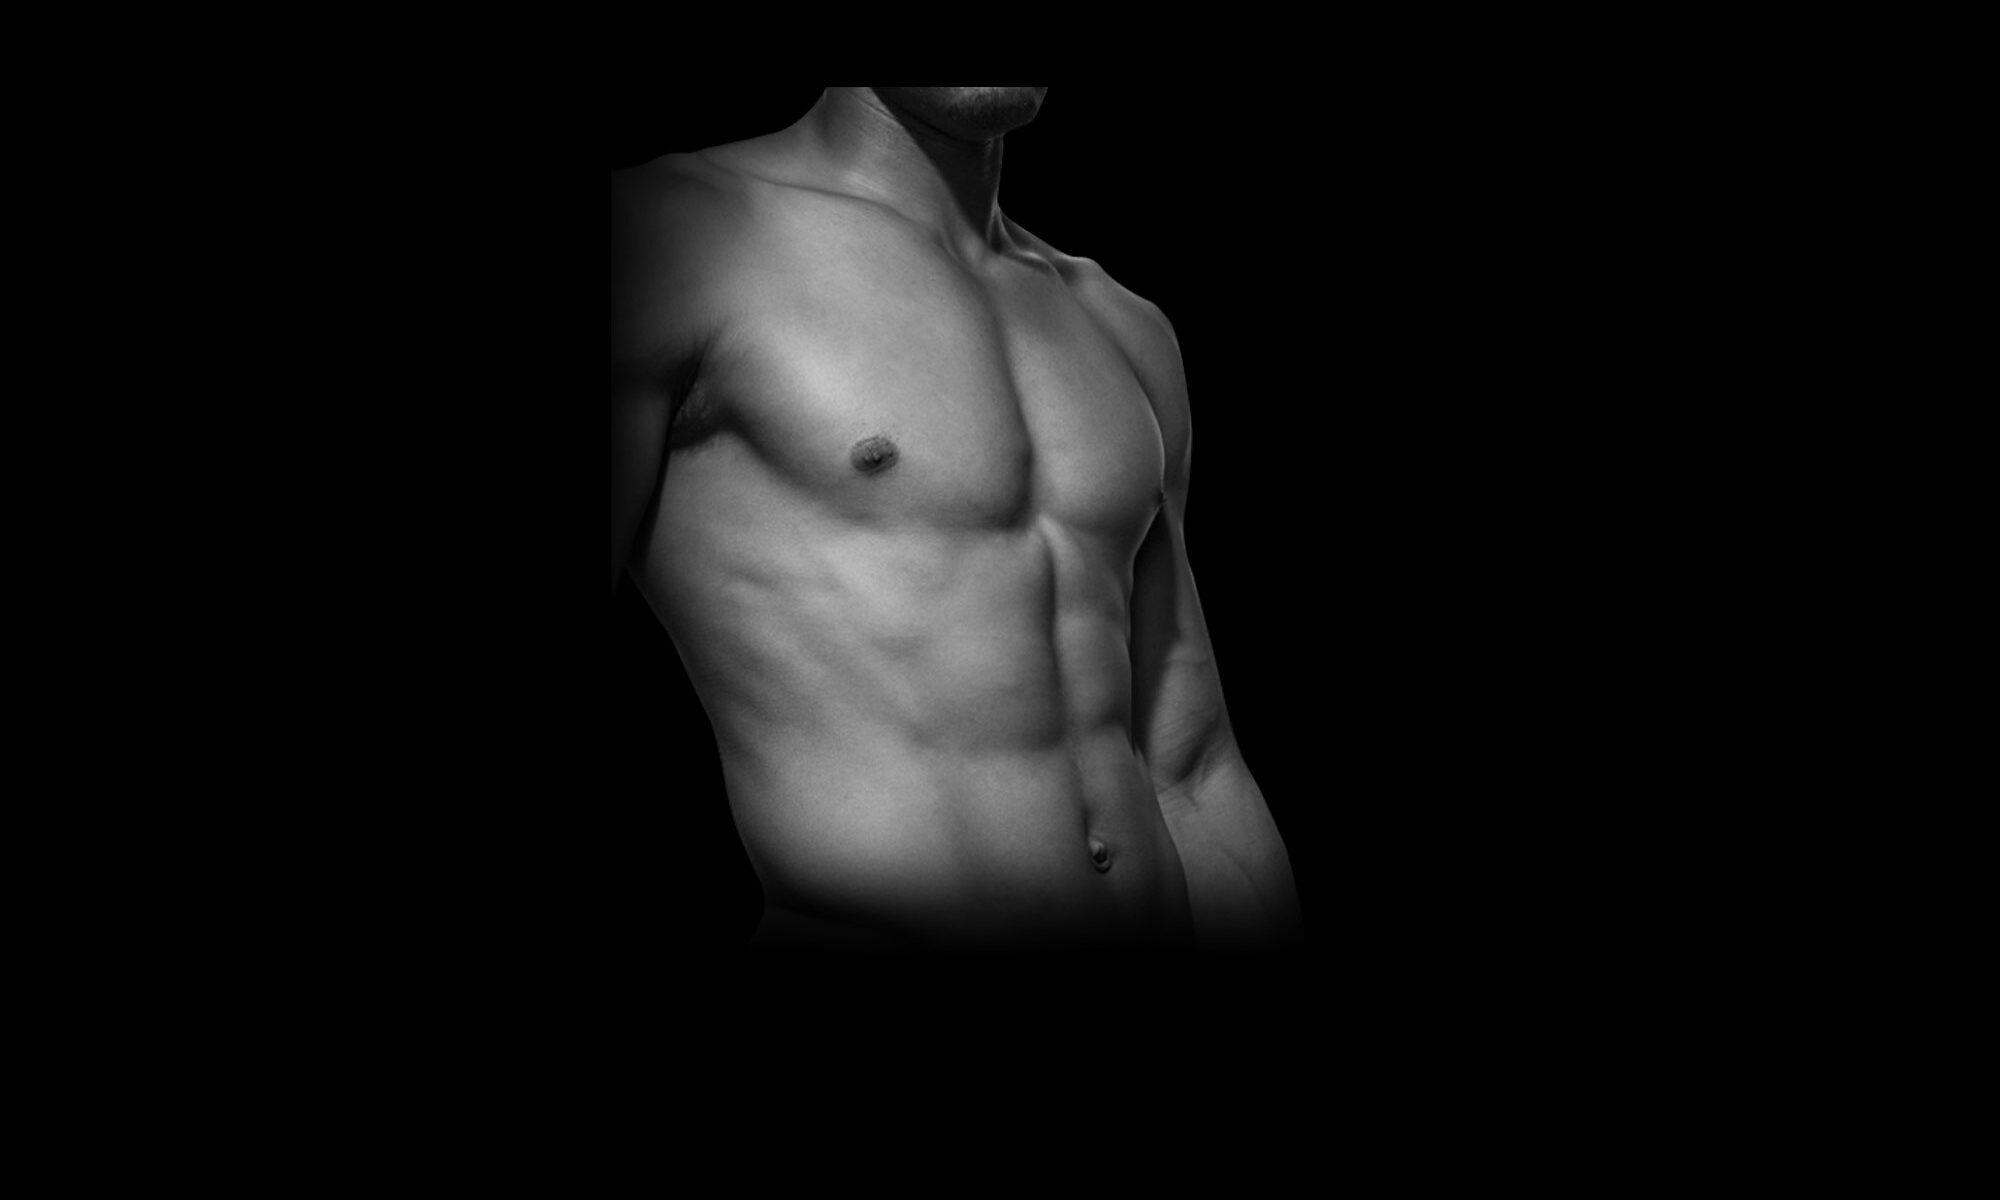 VASER Ultrasound Liposuction for Men